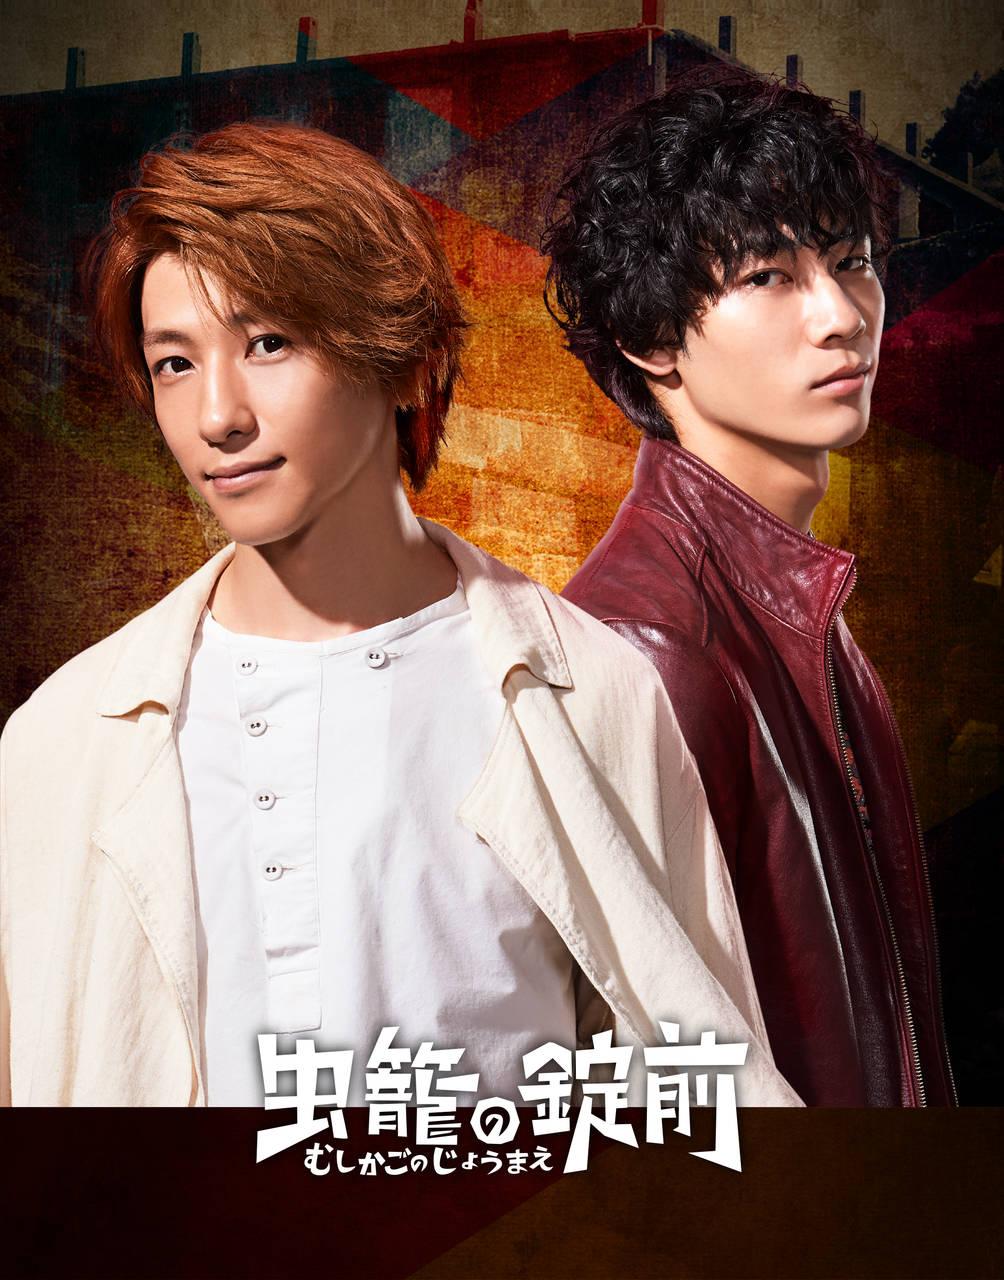 ドラマ『虫籠の錠前』Blu-ray&DVDBOX